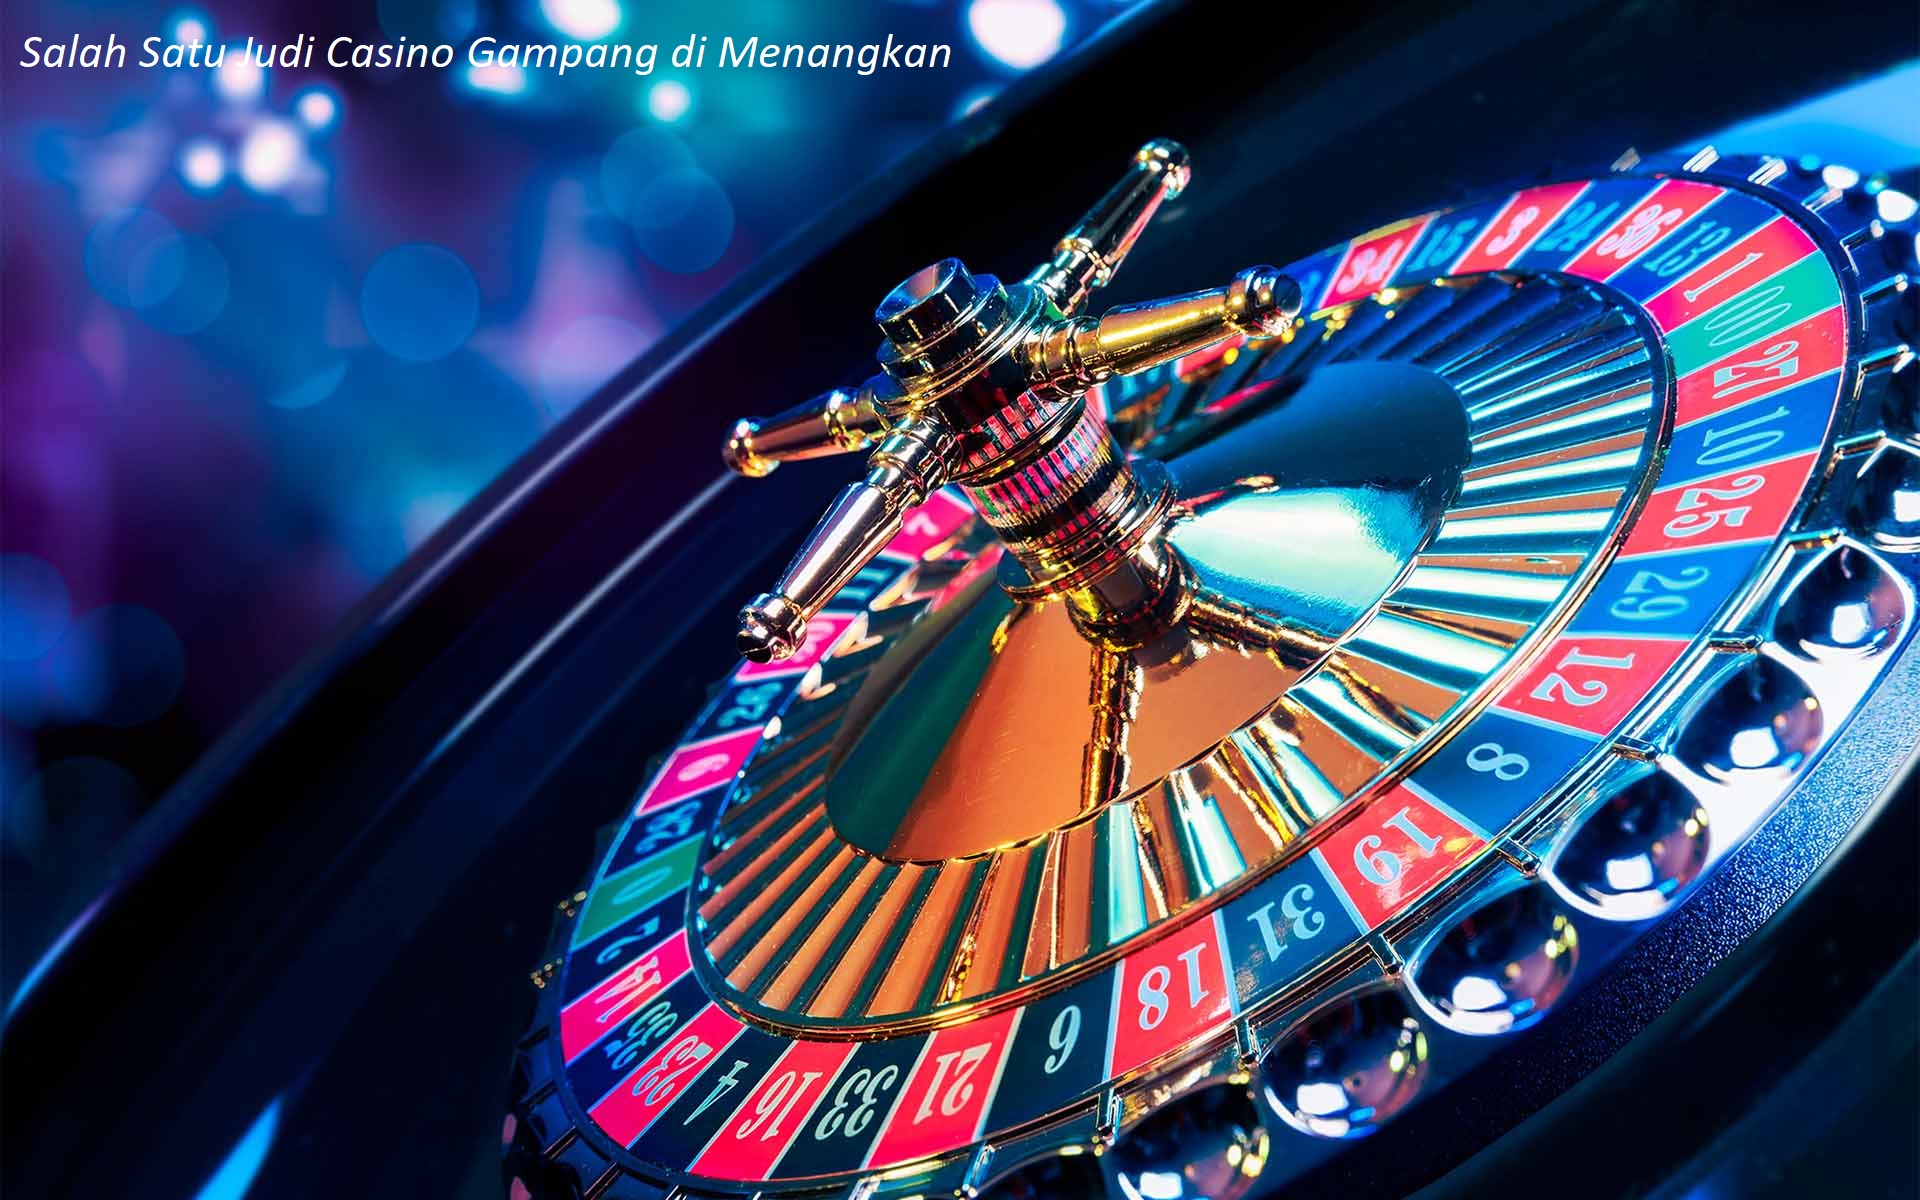 Salah Satu Judi Casino Gampang di Menangkan